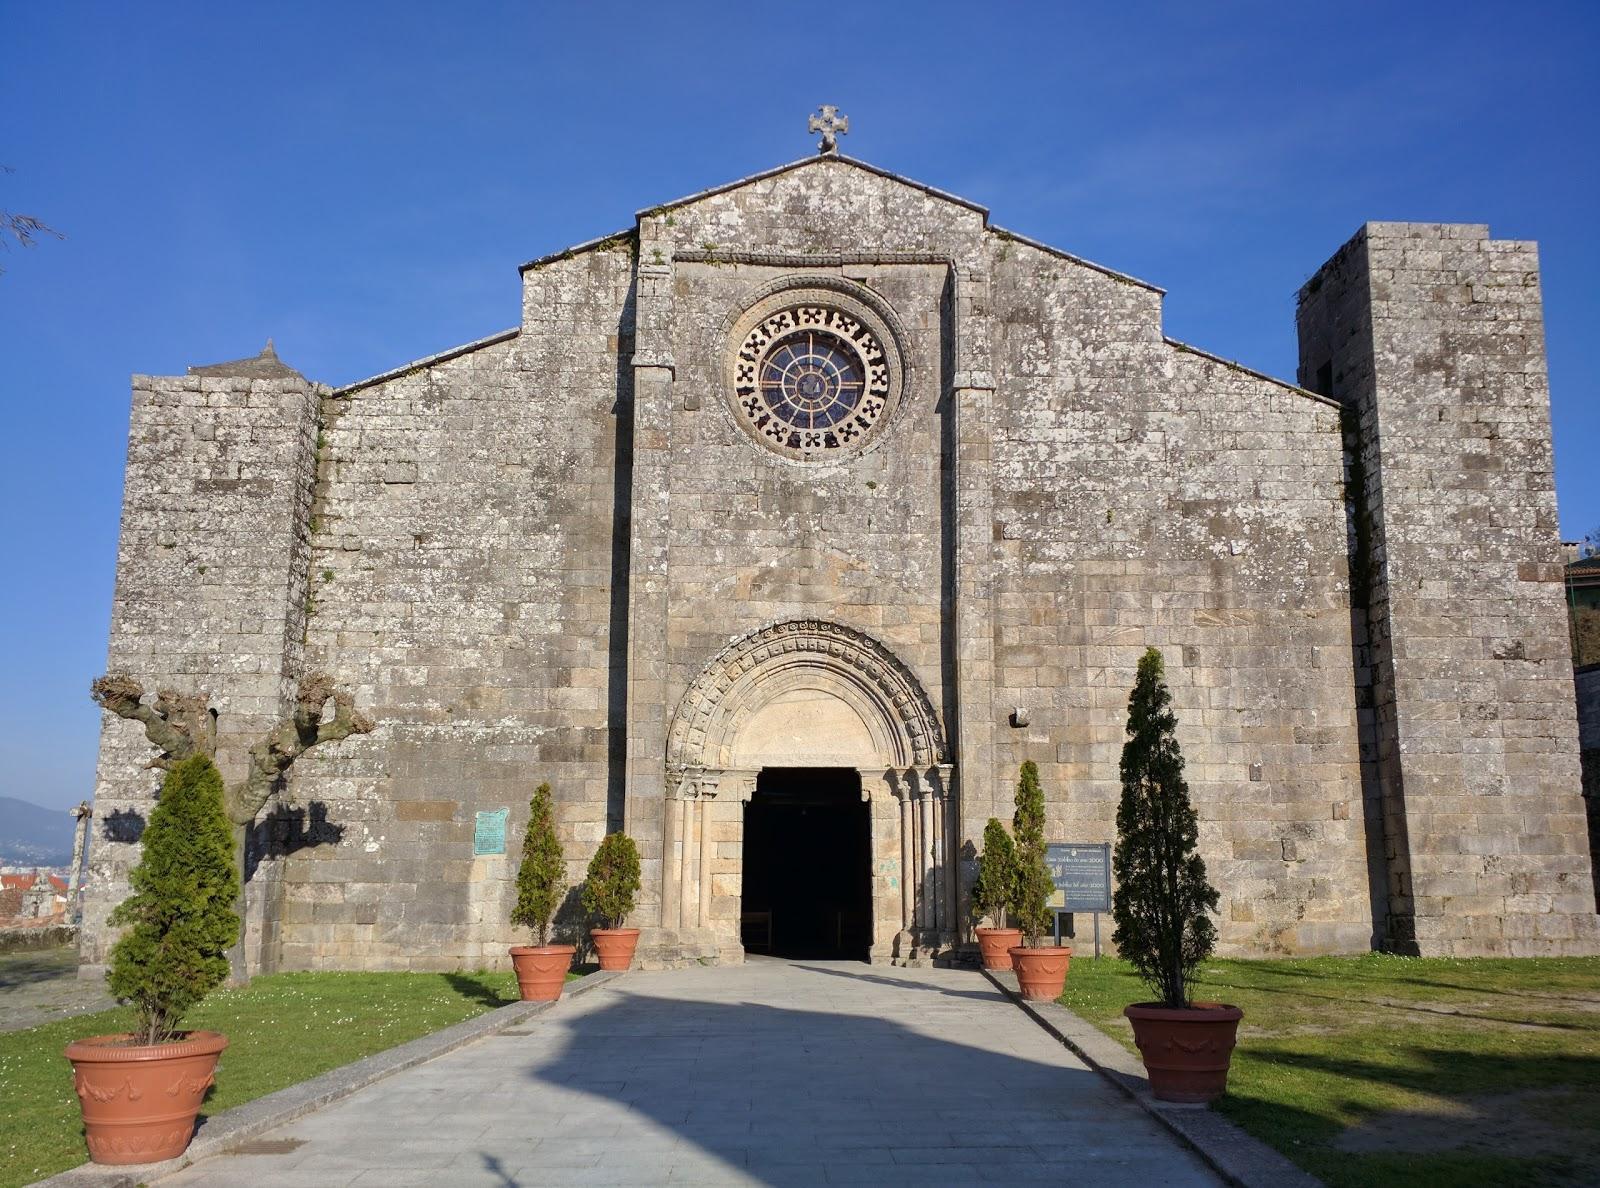 Igrexa de Santa María de Baiona